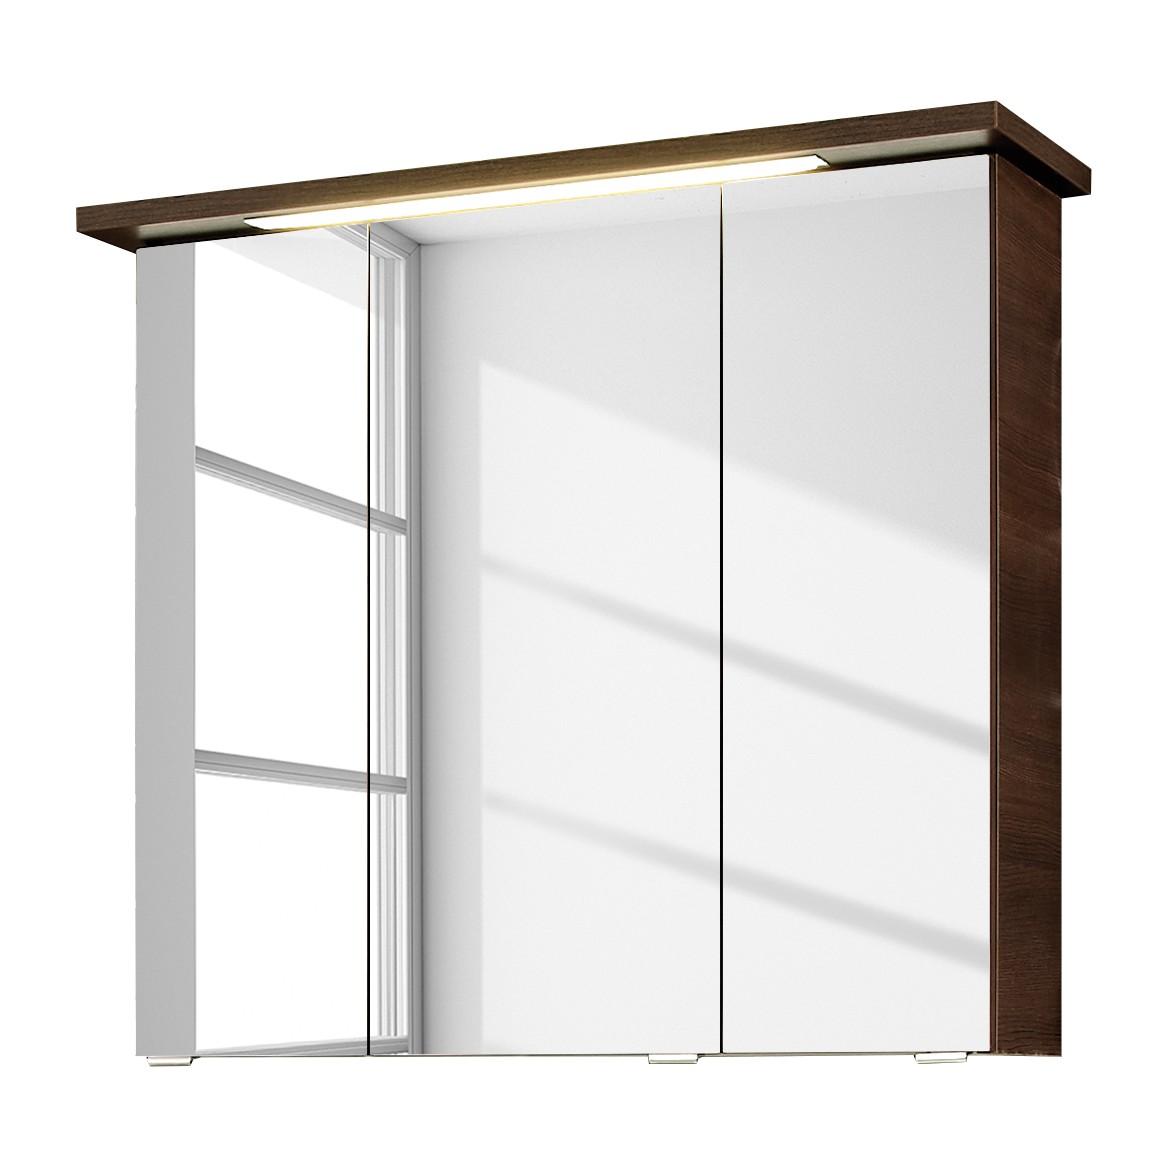 pelipal spiegelschrank preisvergleich. Black Bedroom Furniture Sets. Home Design Ideas